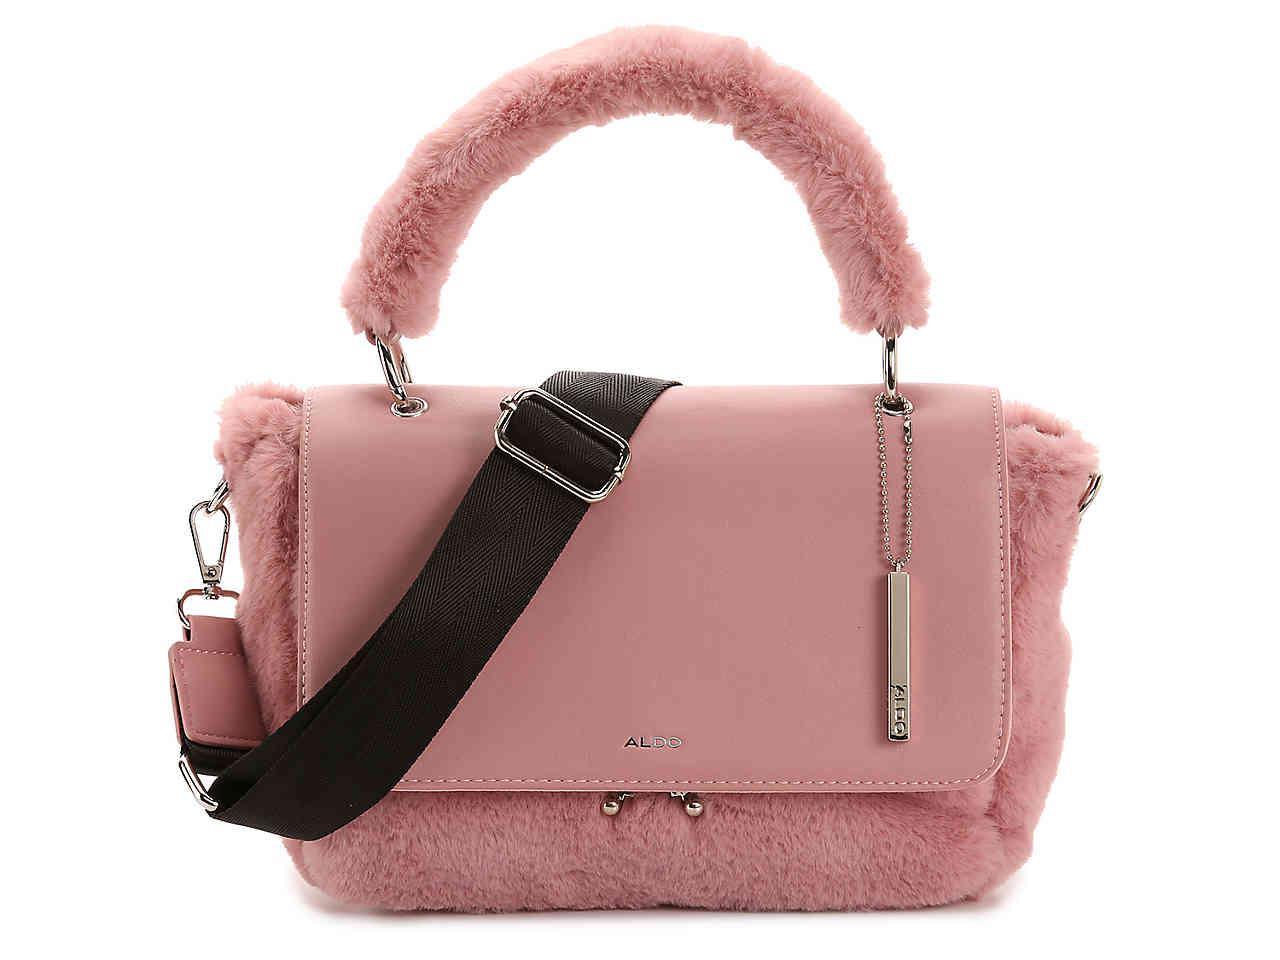 393eeb68ee5 ALDO - Pink Raisin Satchel - Lyst. View fullscreen